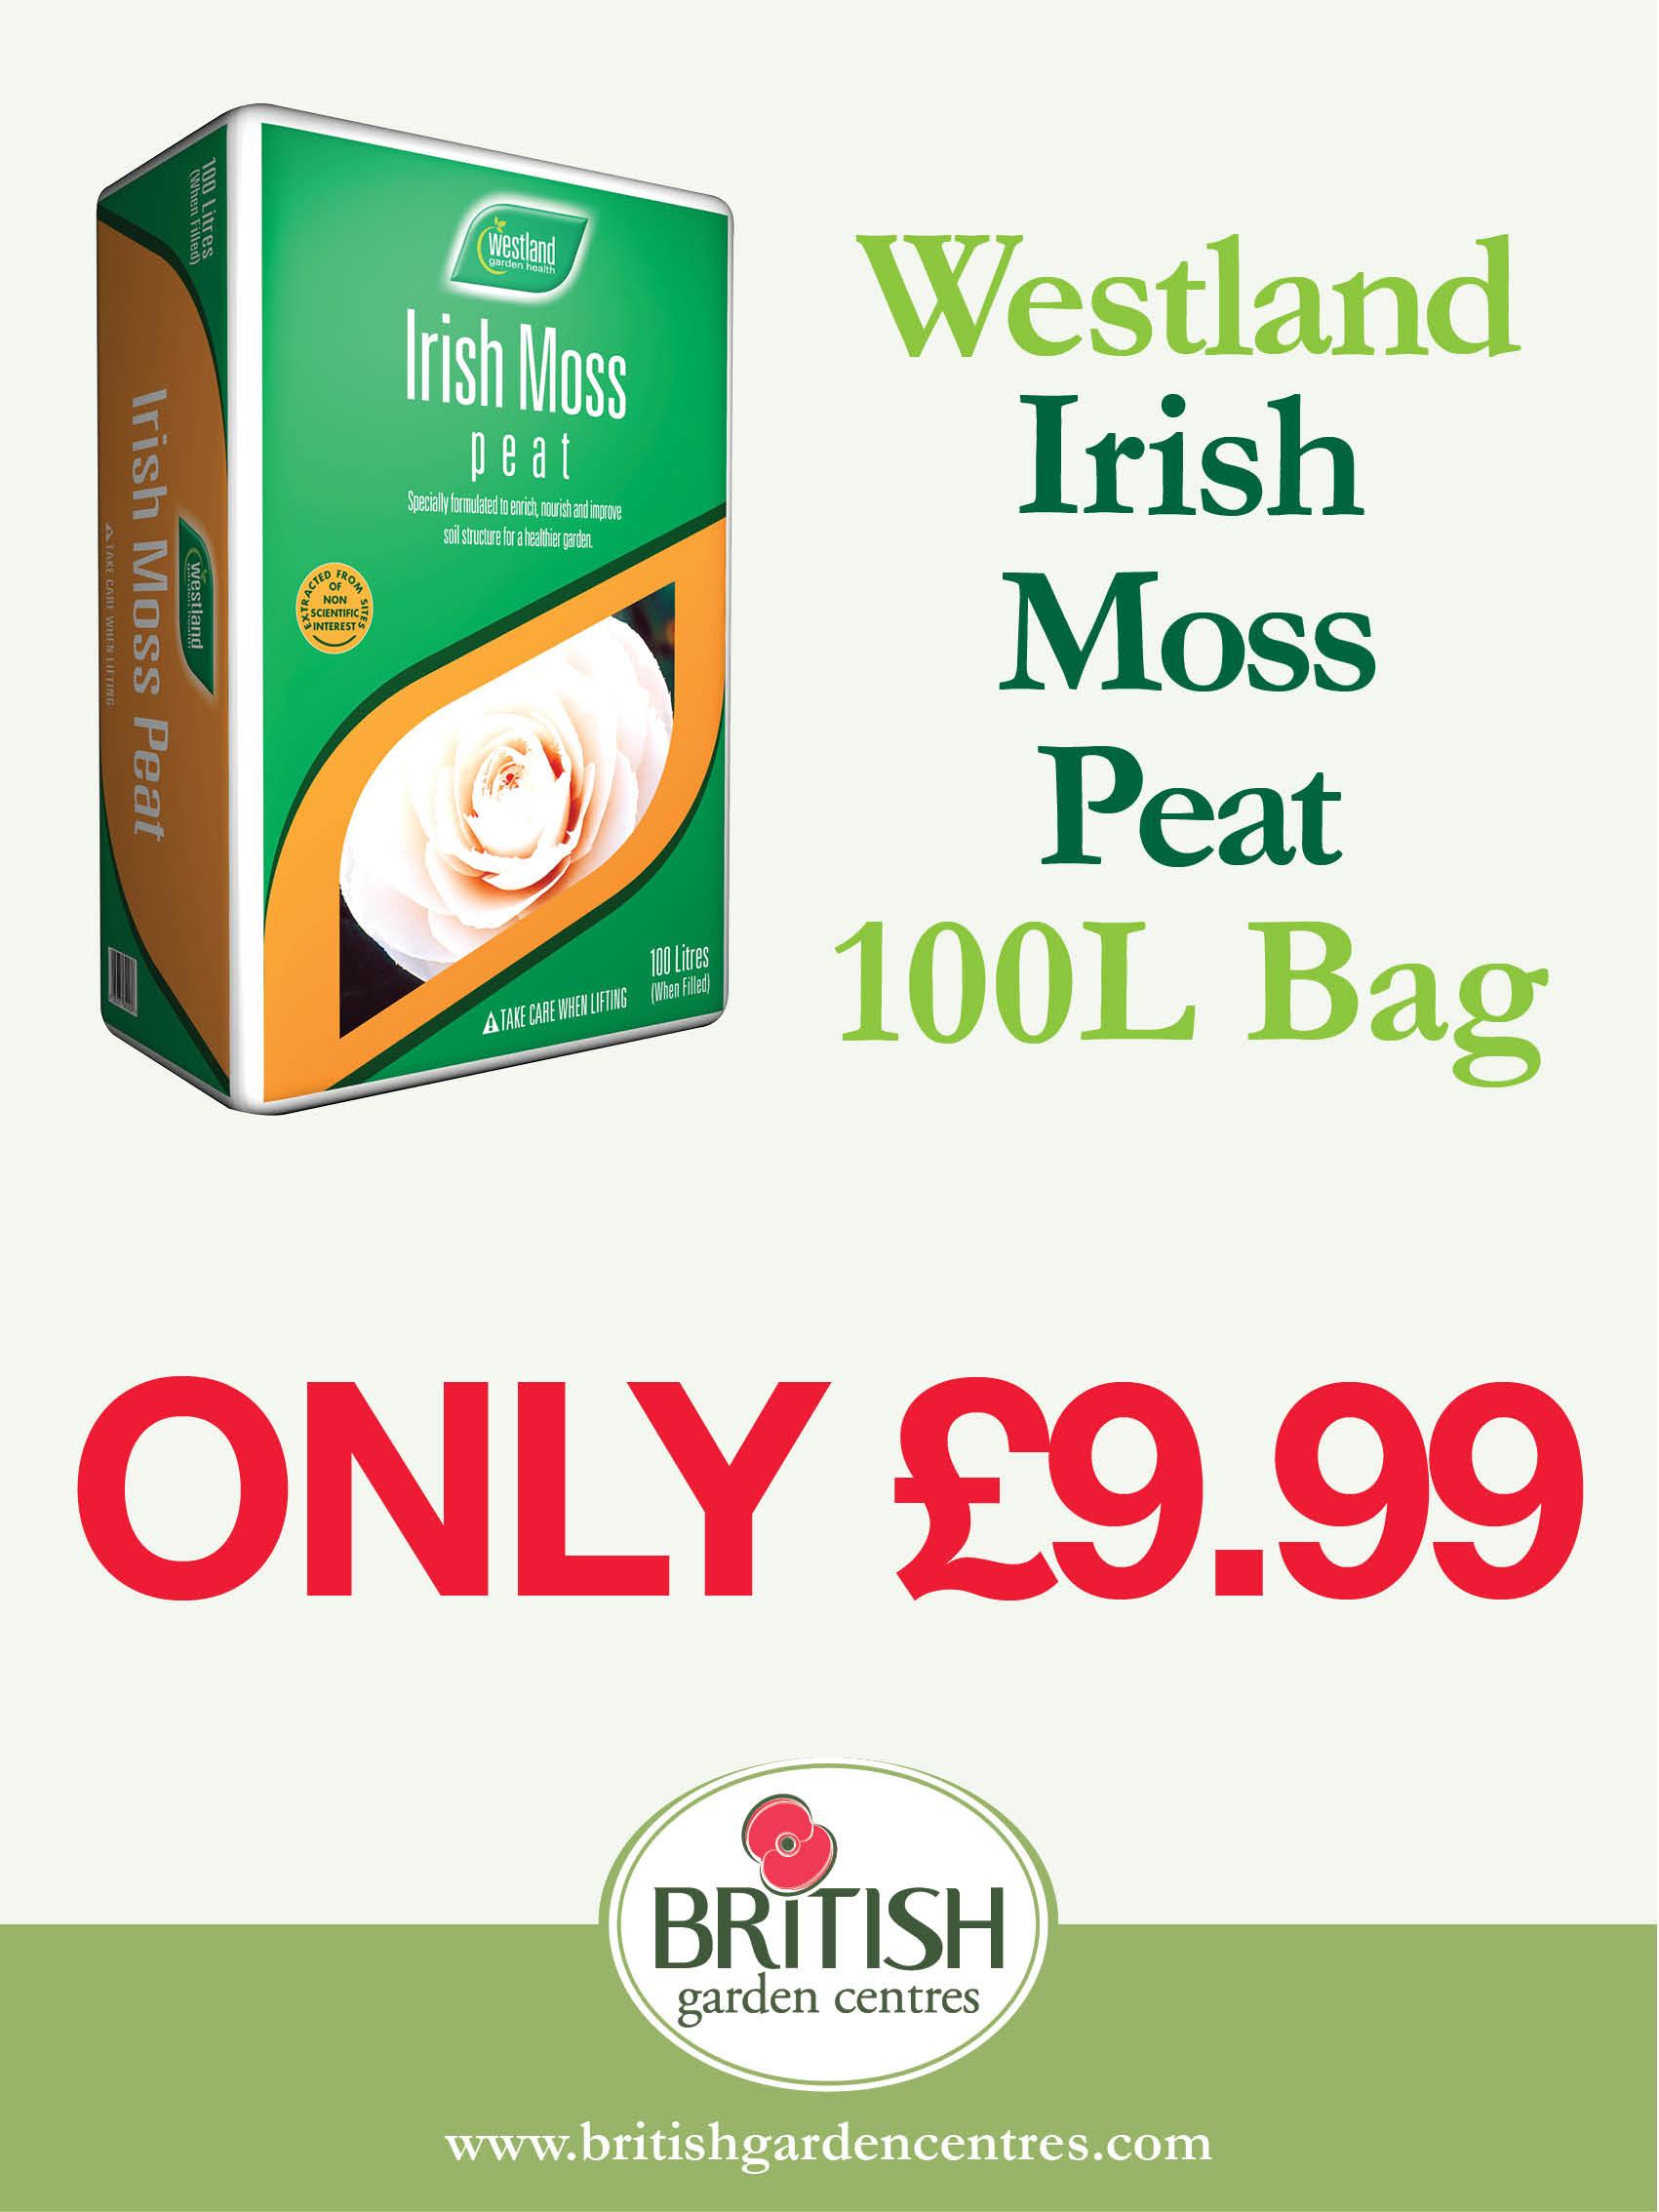 Westland Irish Peat Moss 100L